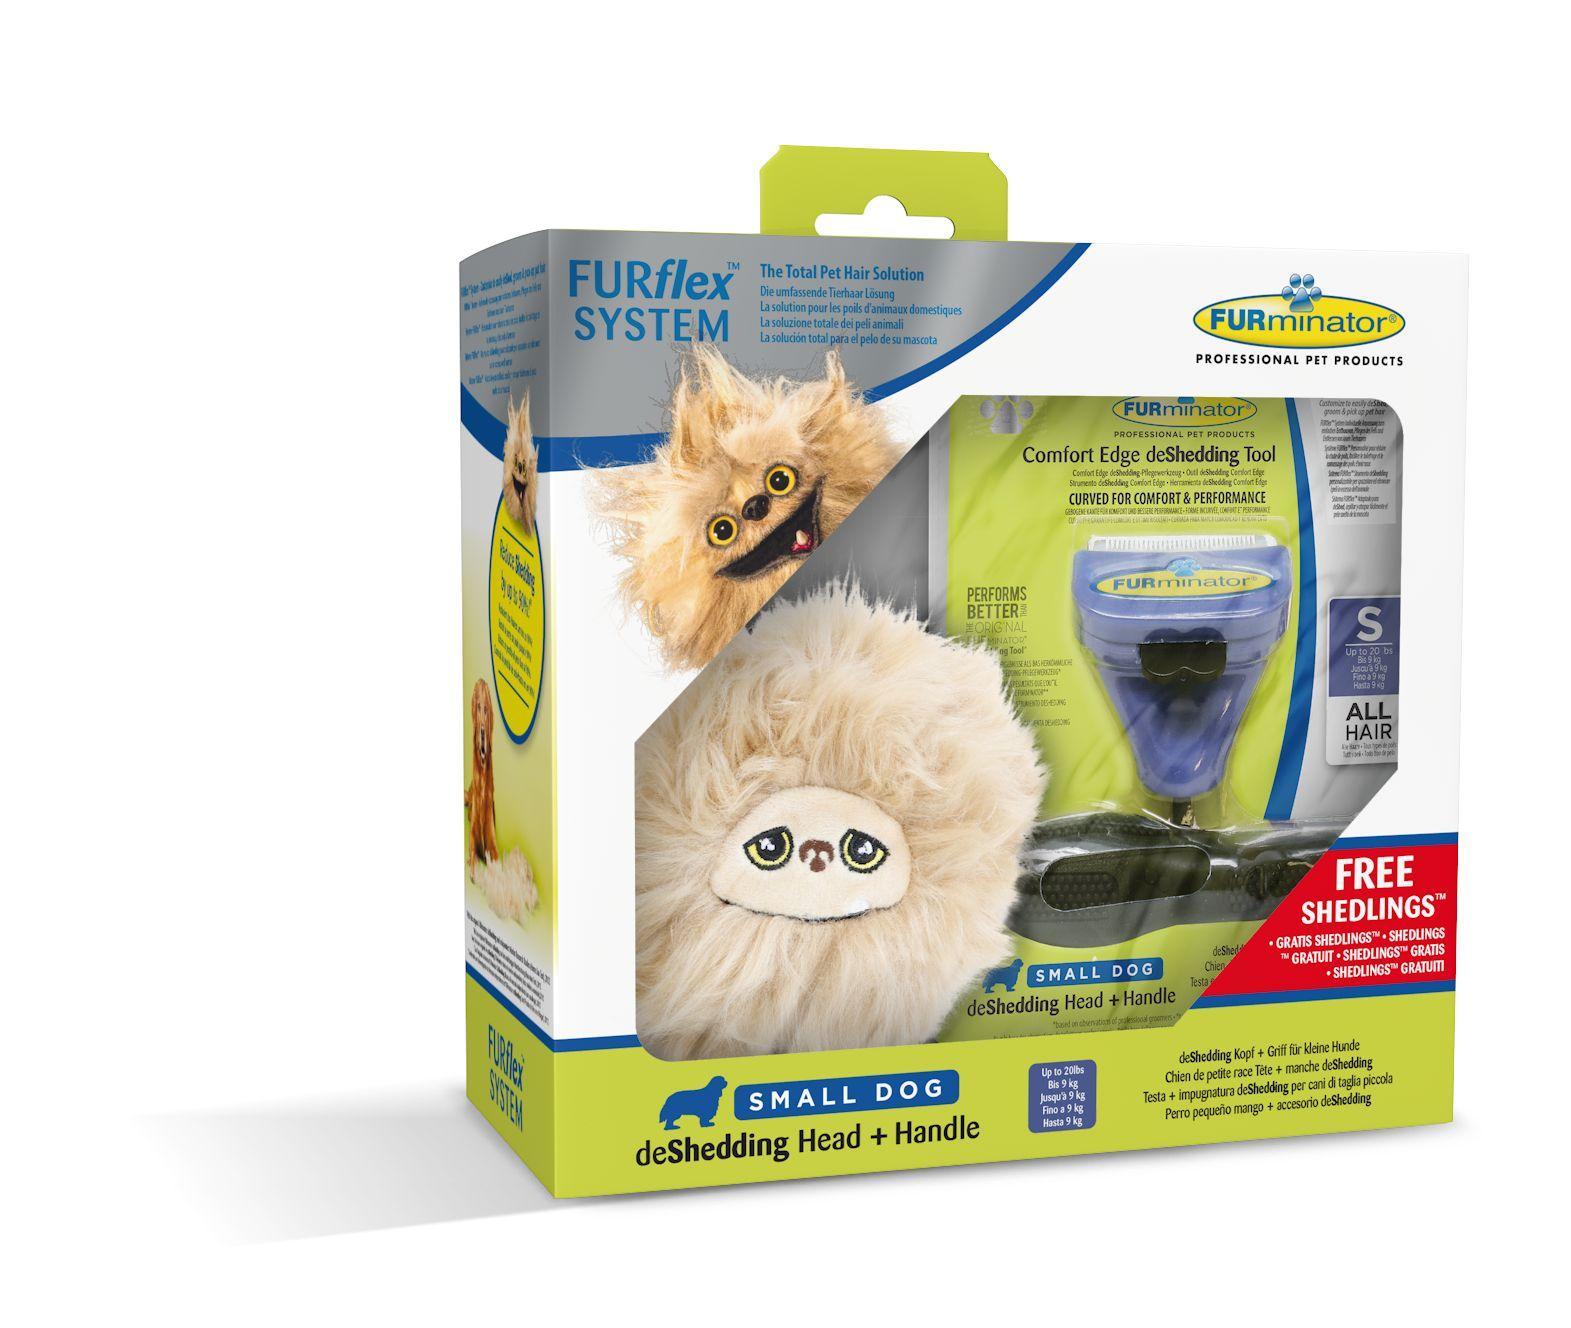 FURminator Geschenkbox Hund Weihnachten 2017